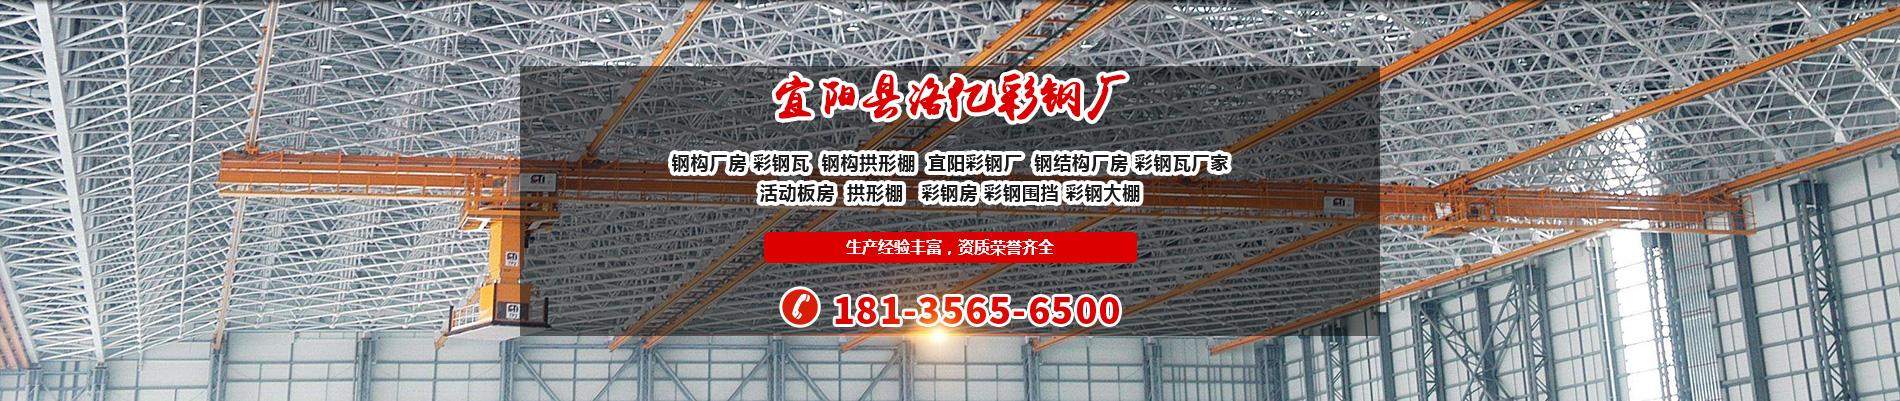 洛阳钢结构厂房工程-宜阳县洛亿彩钢厂